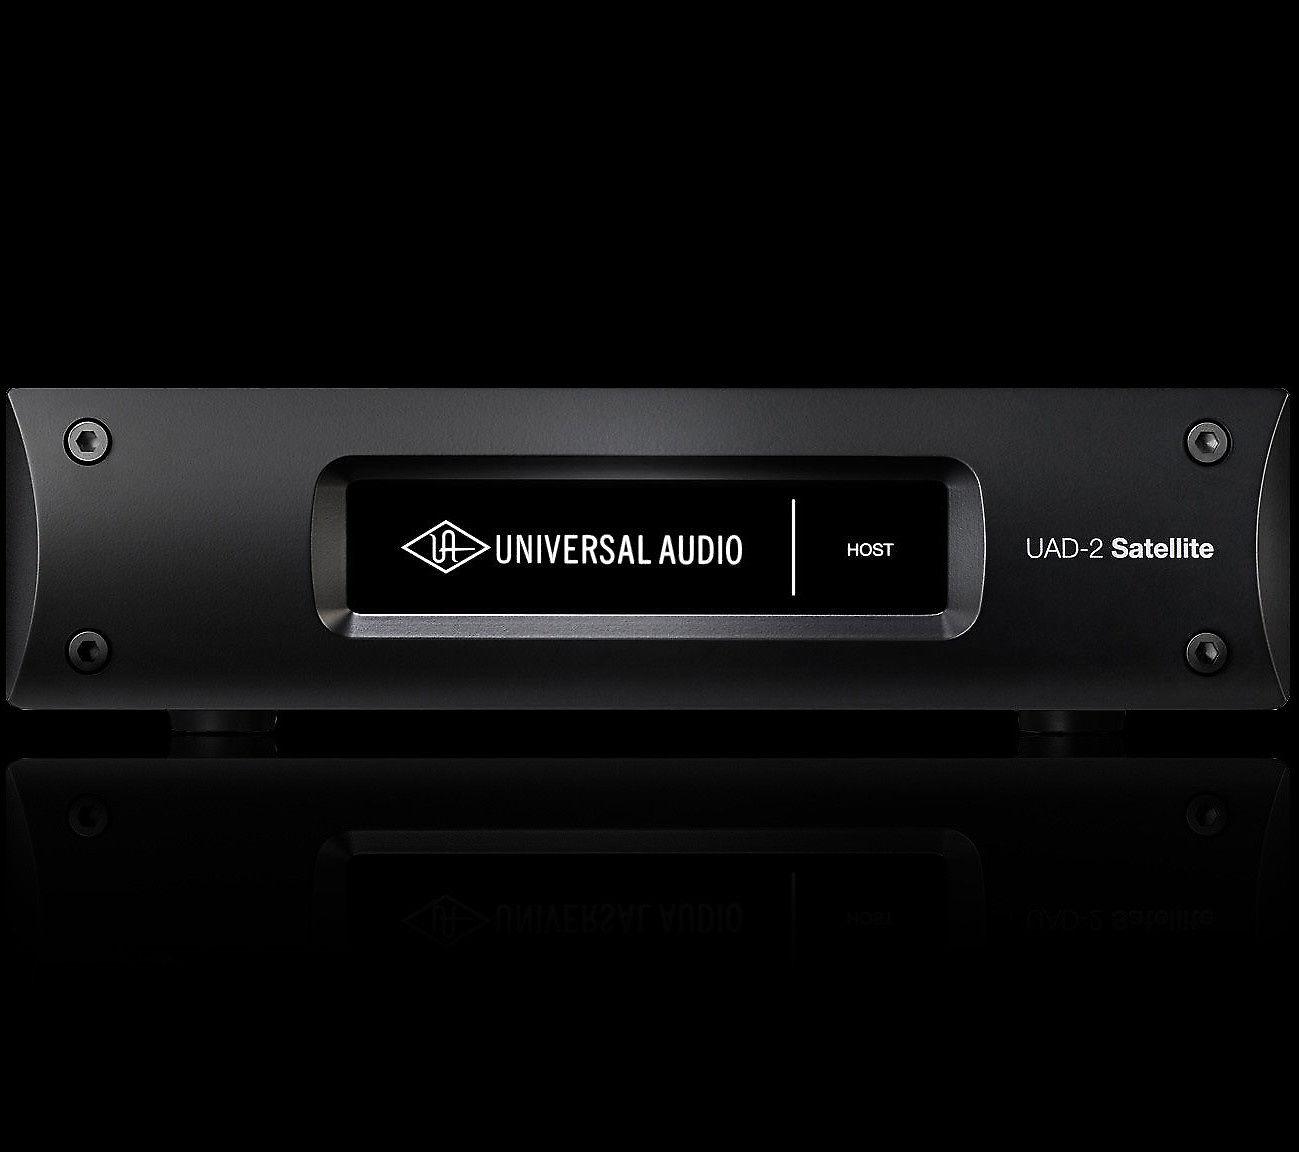 Universal Audio UAD-2 Satellite Thunderbolt QUAD Core DSP Accelerator    Reverb